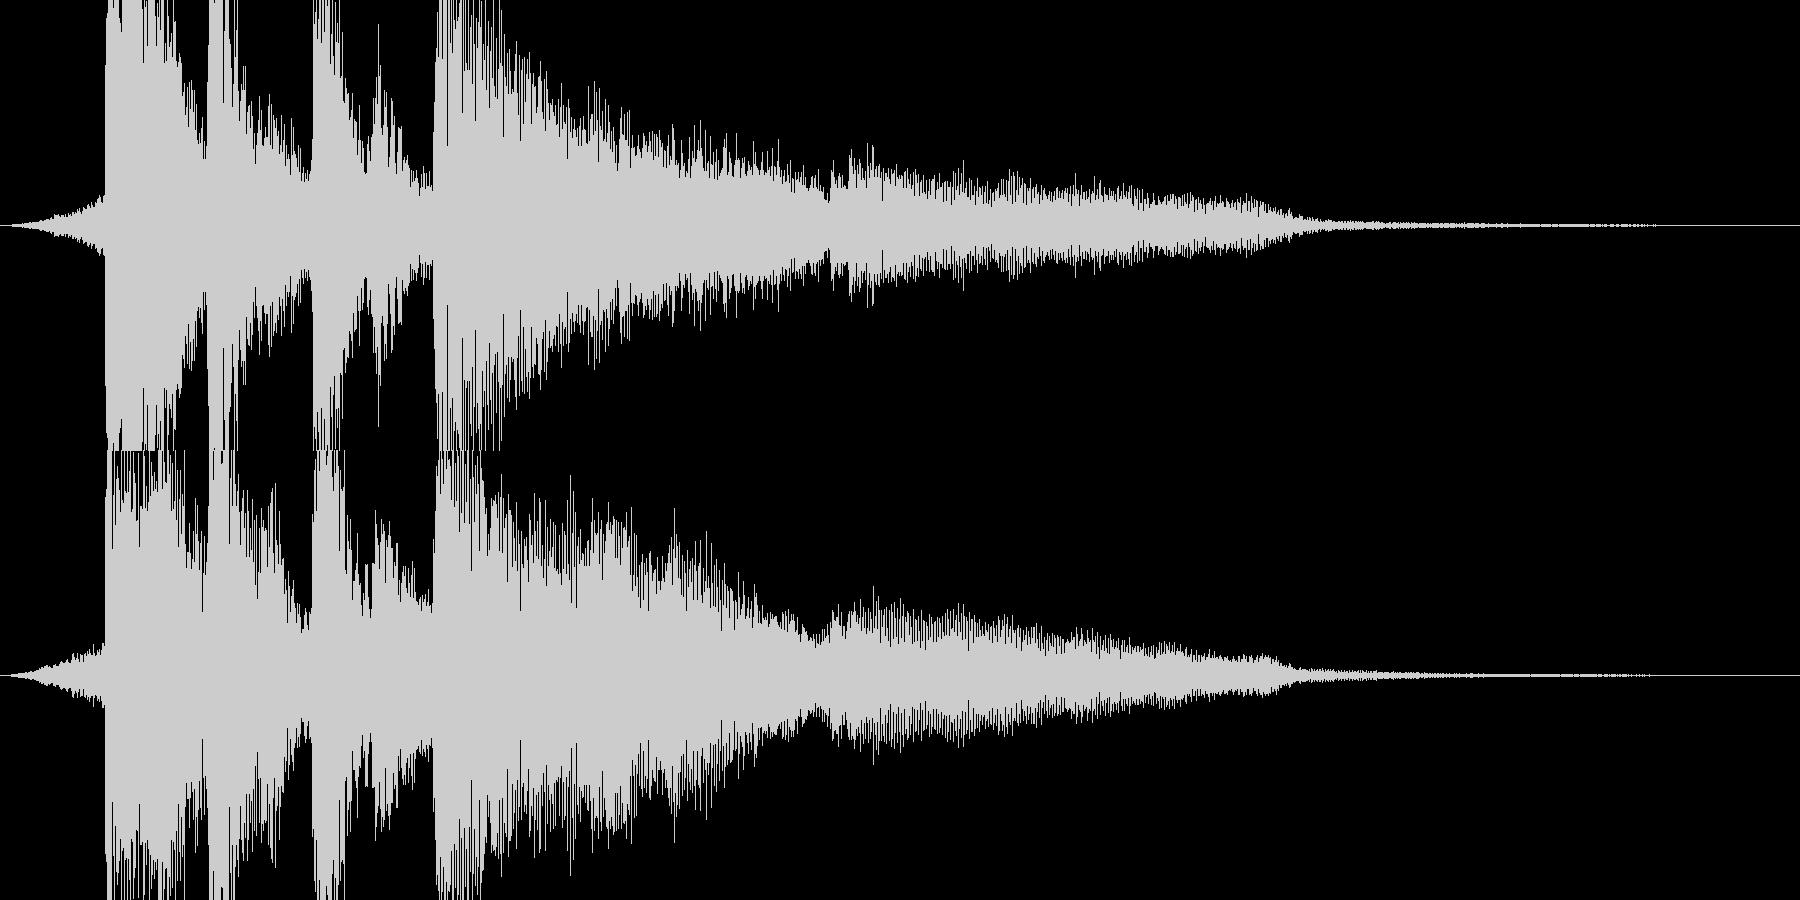 【ジングル】弦とピアノのお洒落なジングルの未再生の波形